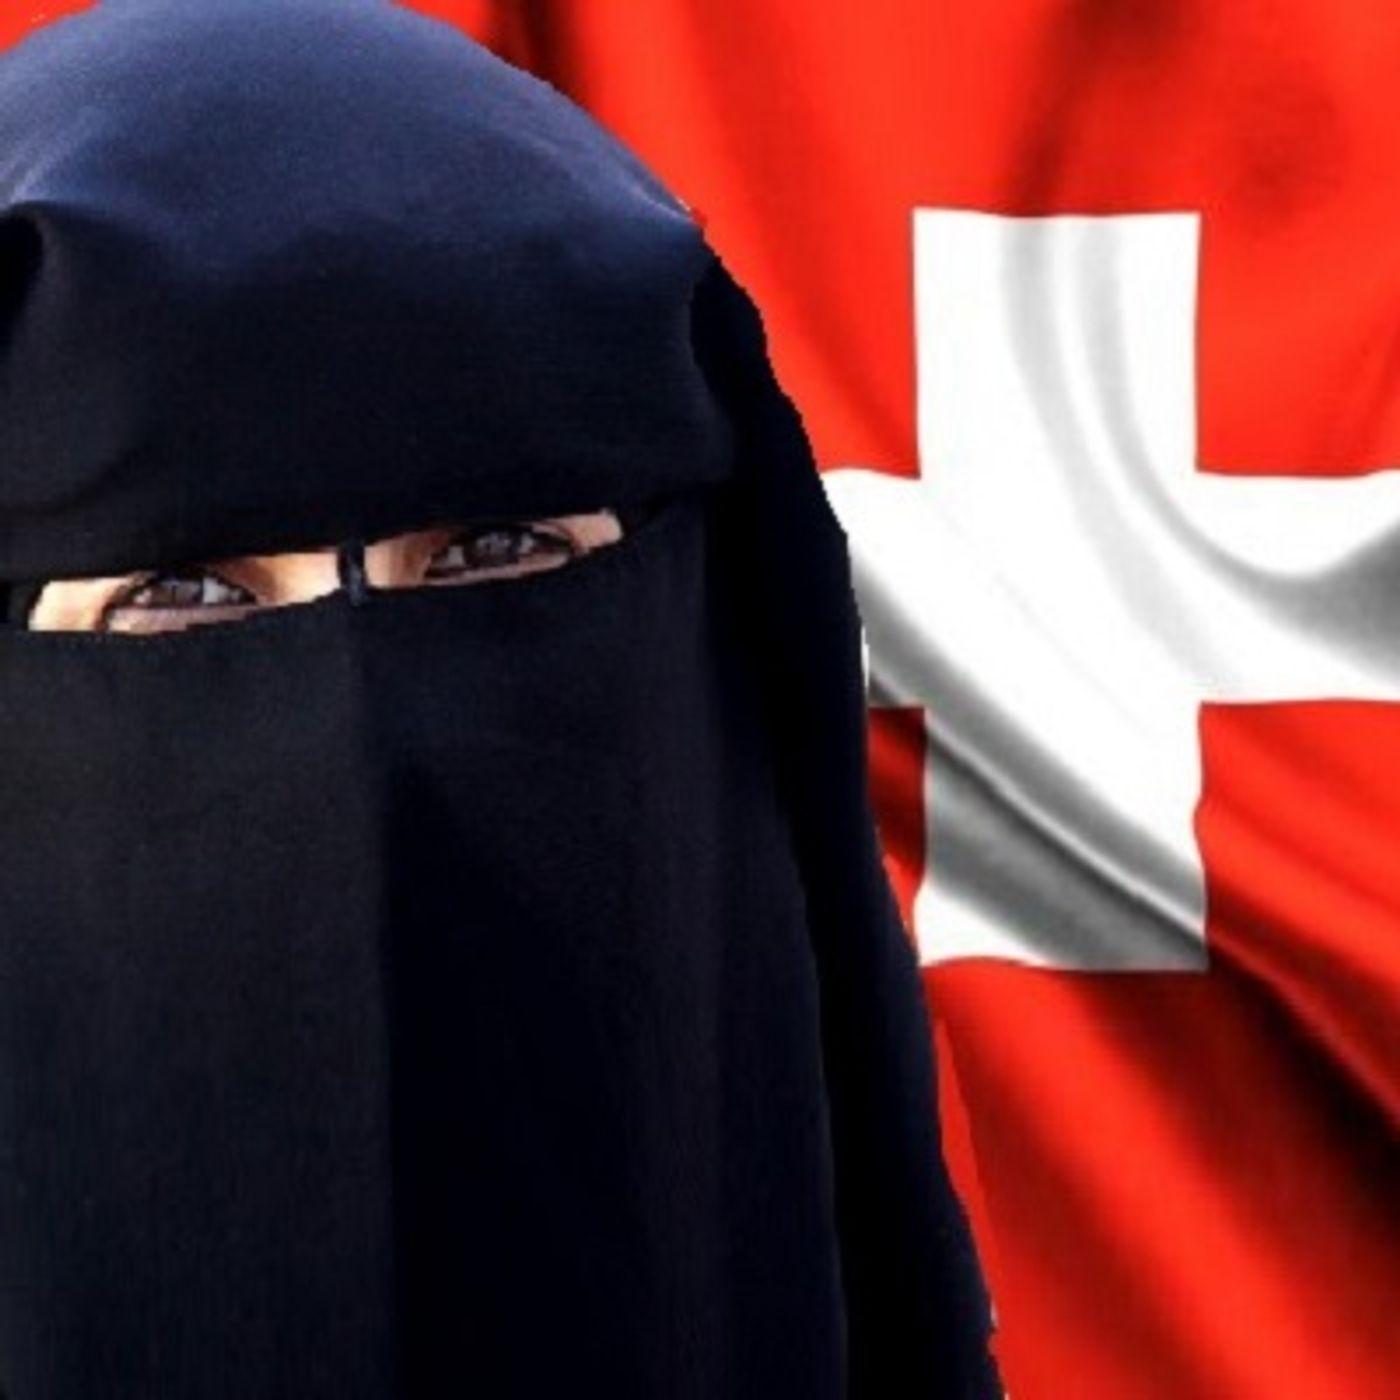 La Svizzera dice no al burqa